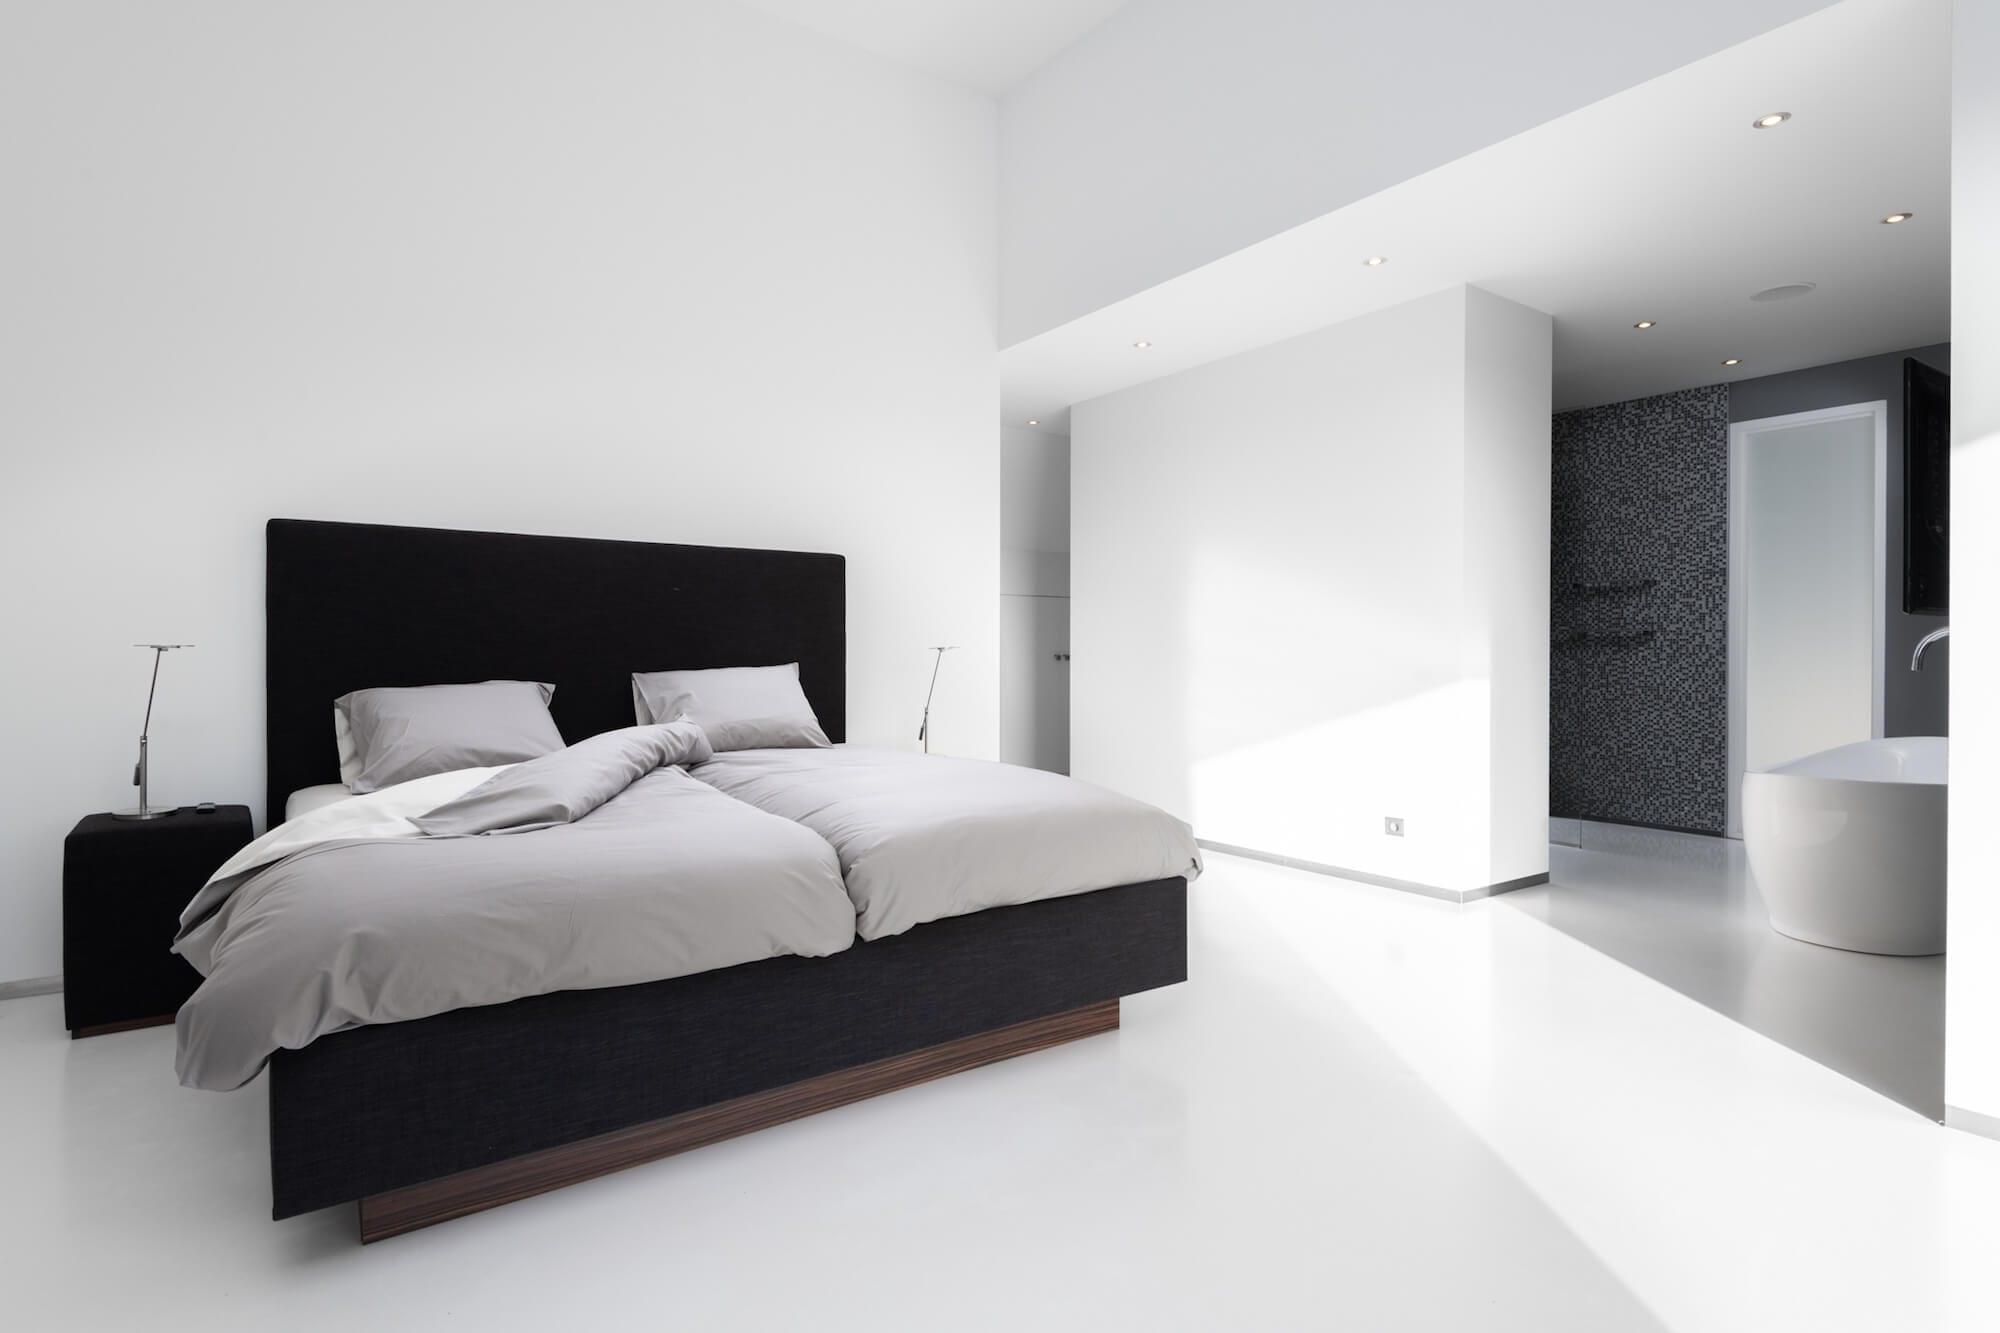 Moderne slaapkamer met kingsize bed